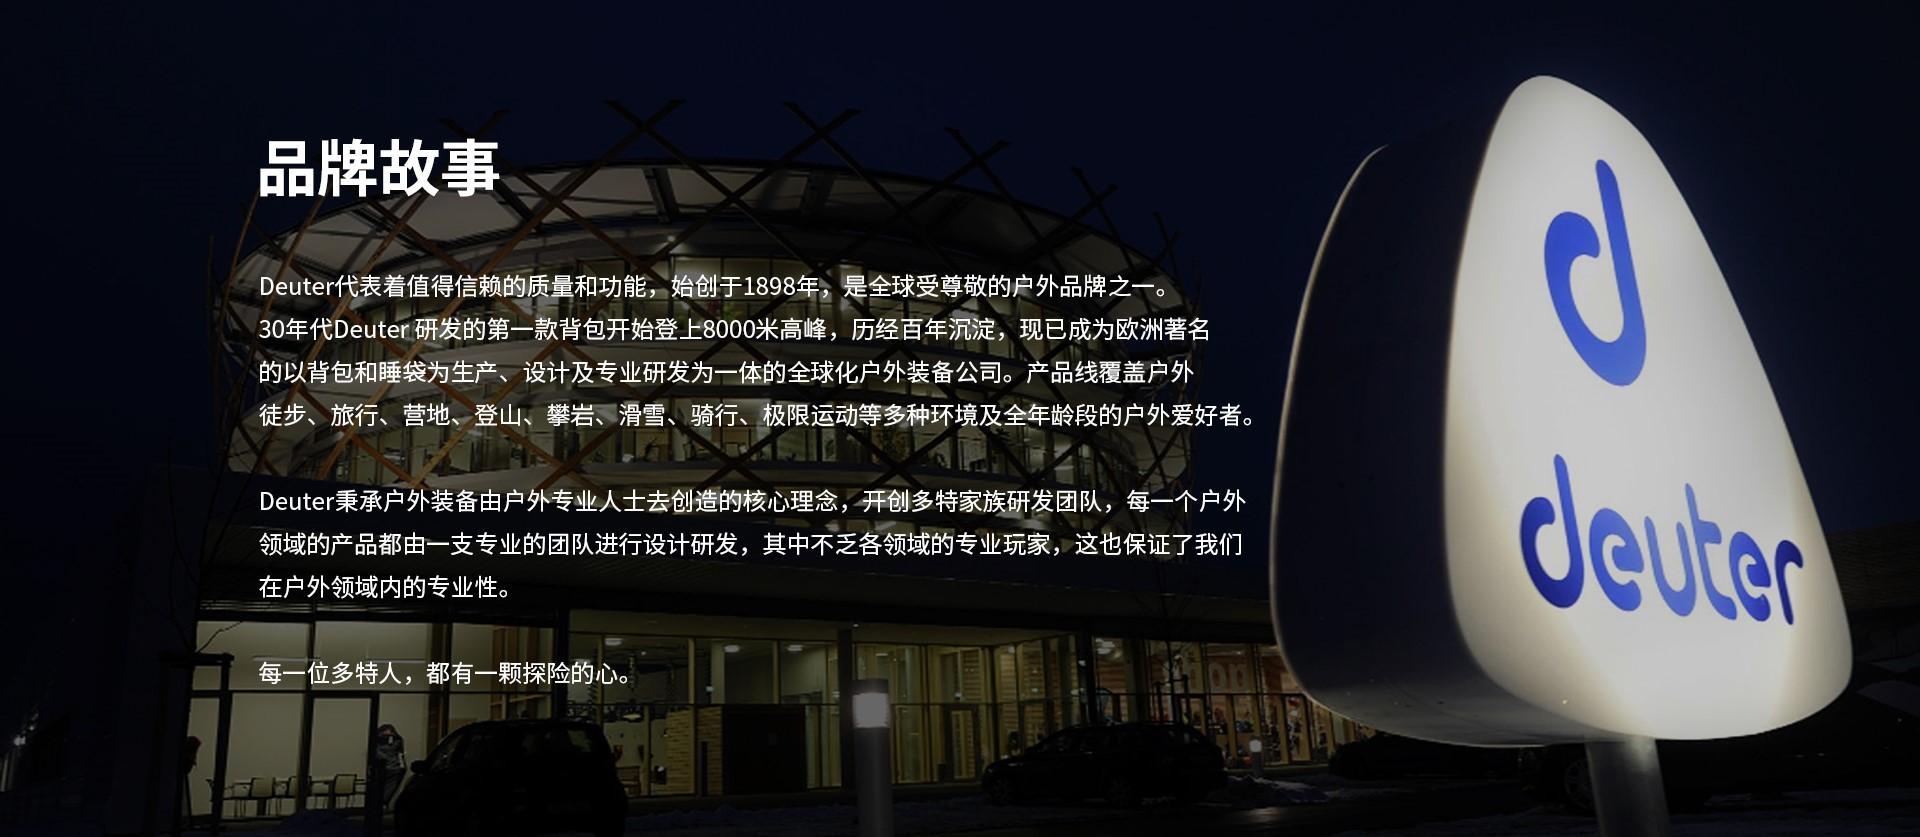 德國百年戶外品牌DEUTER收回中國總代理授權,2019年7月1日起由中國子公司運營 ... ...